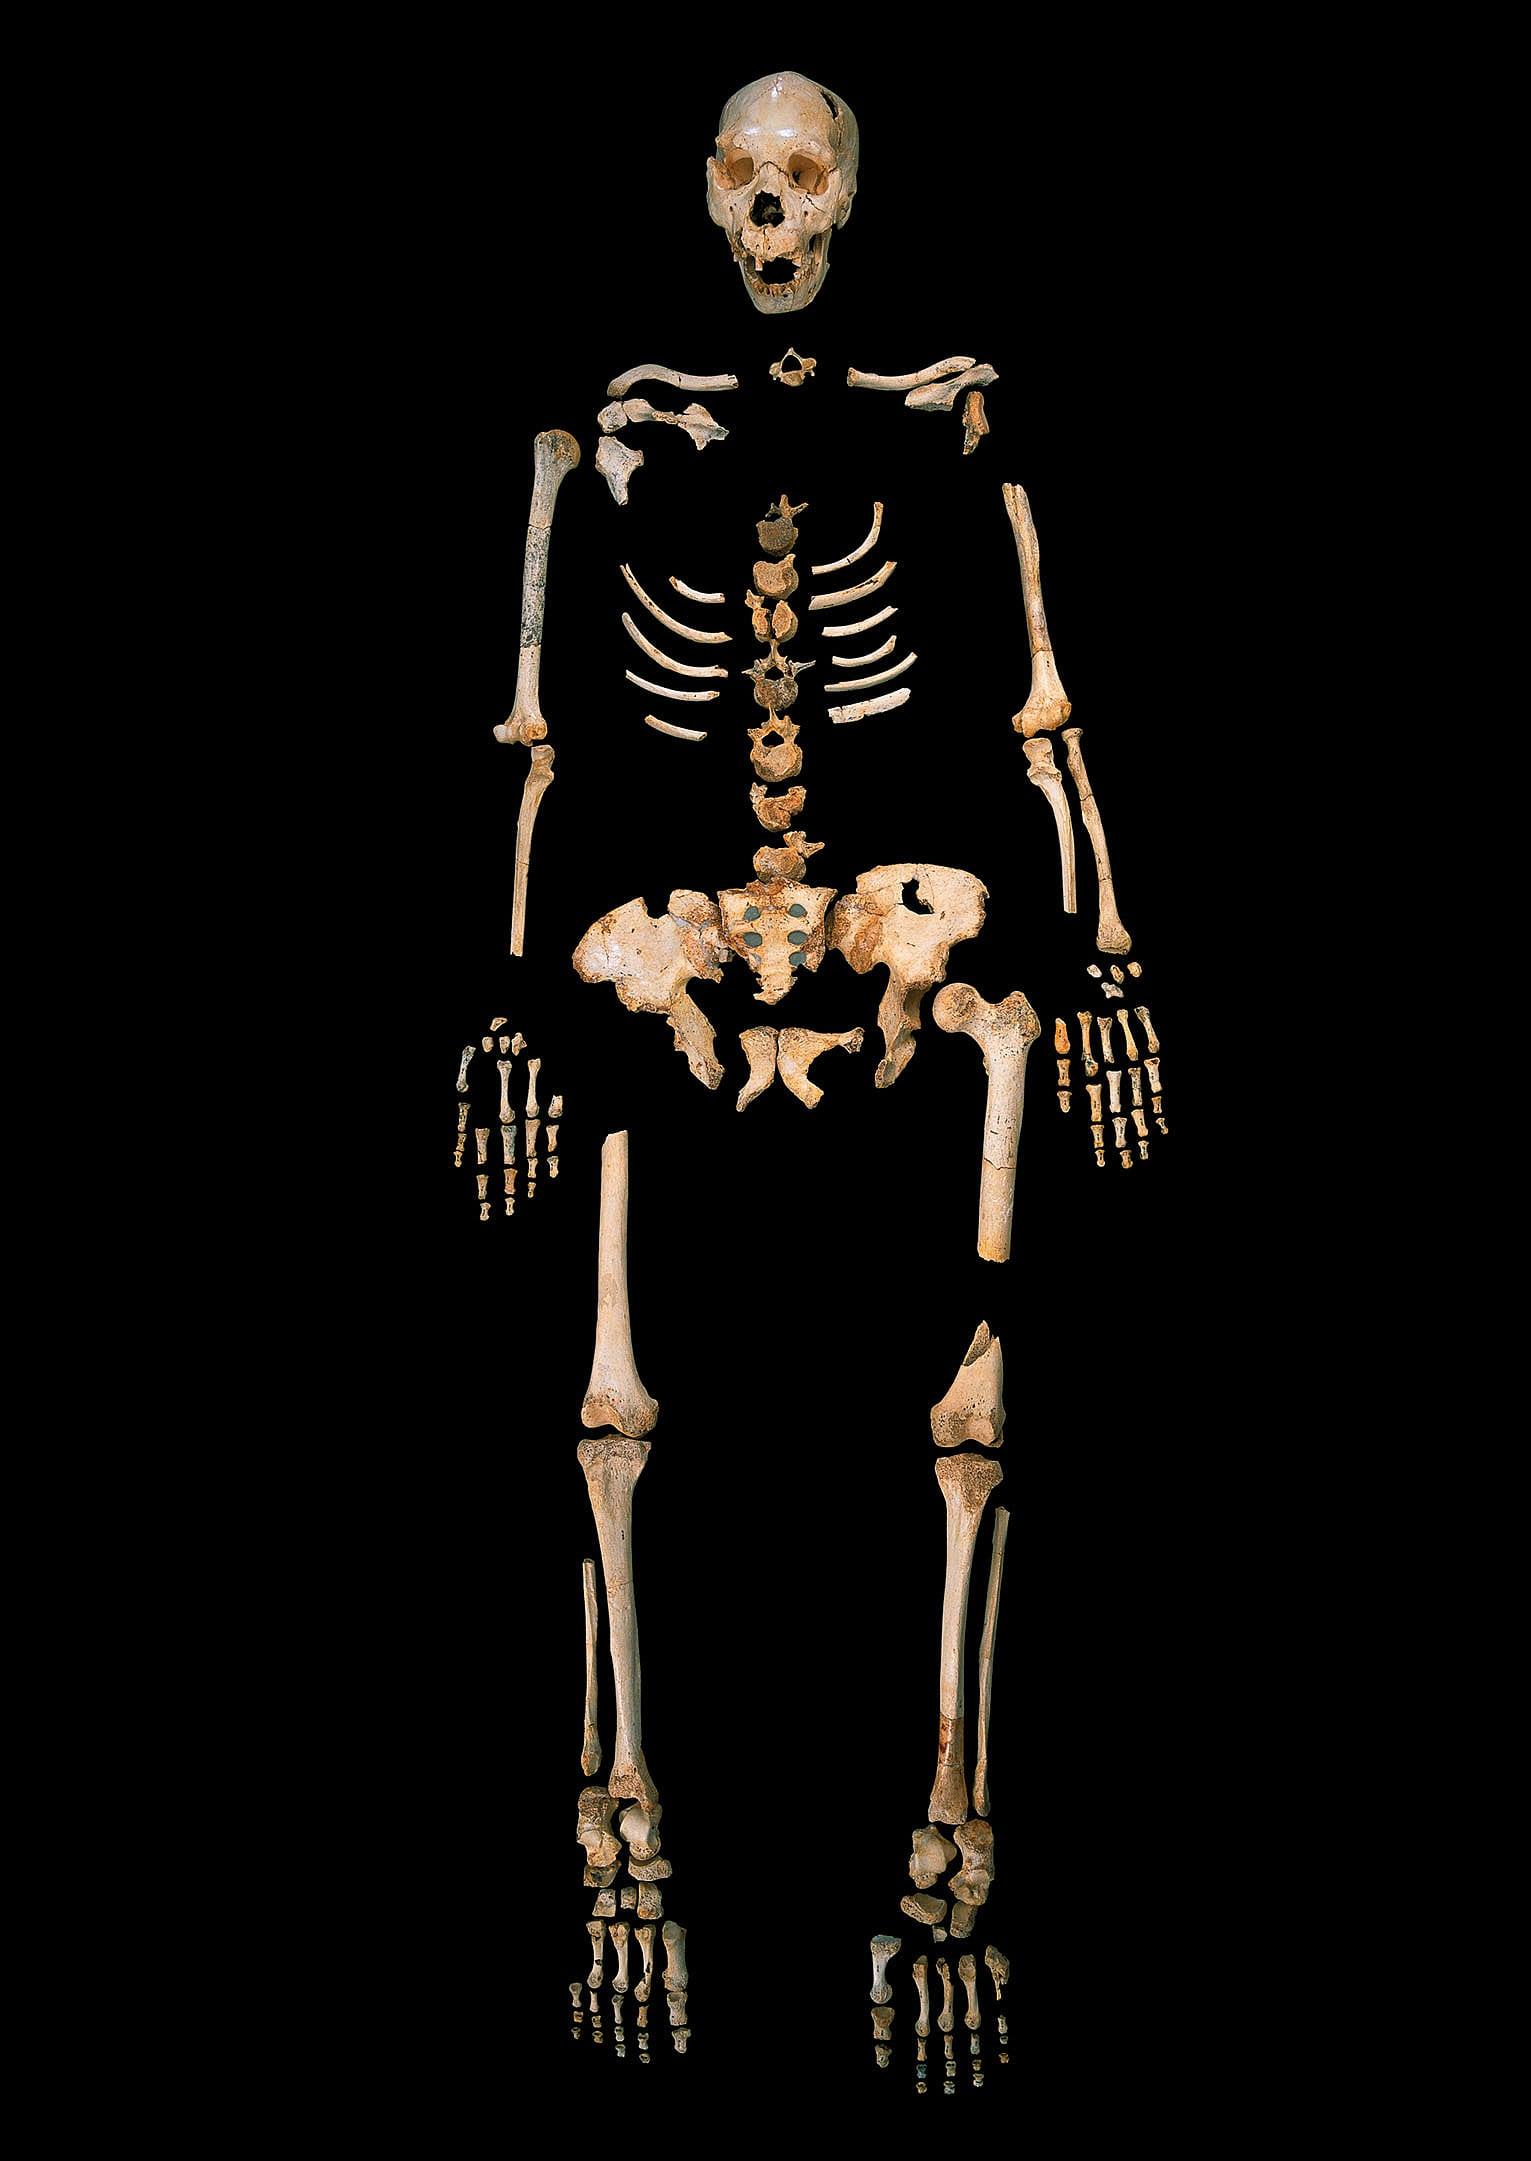 Alte DNA: Erbgut von Homo heidelbergensis schreibt Geschichte neu ...